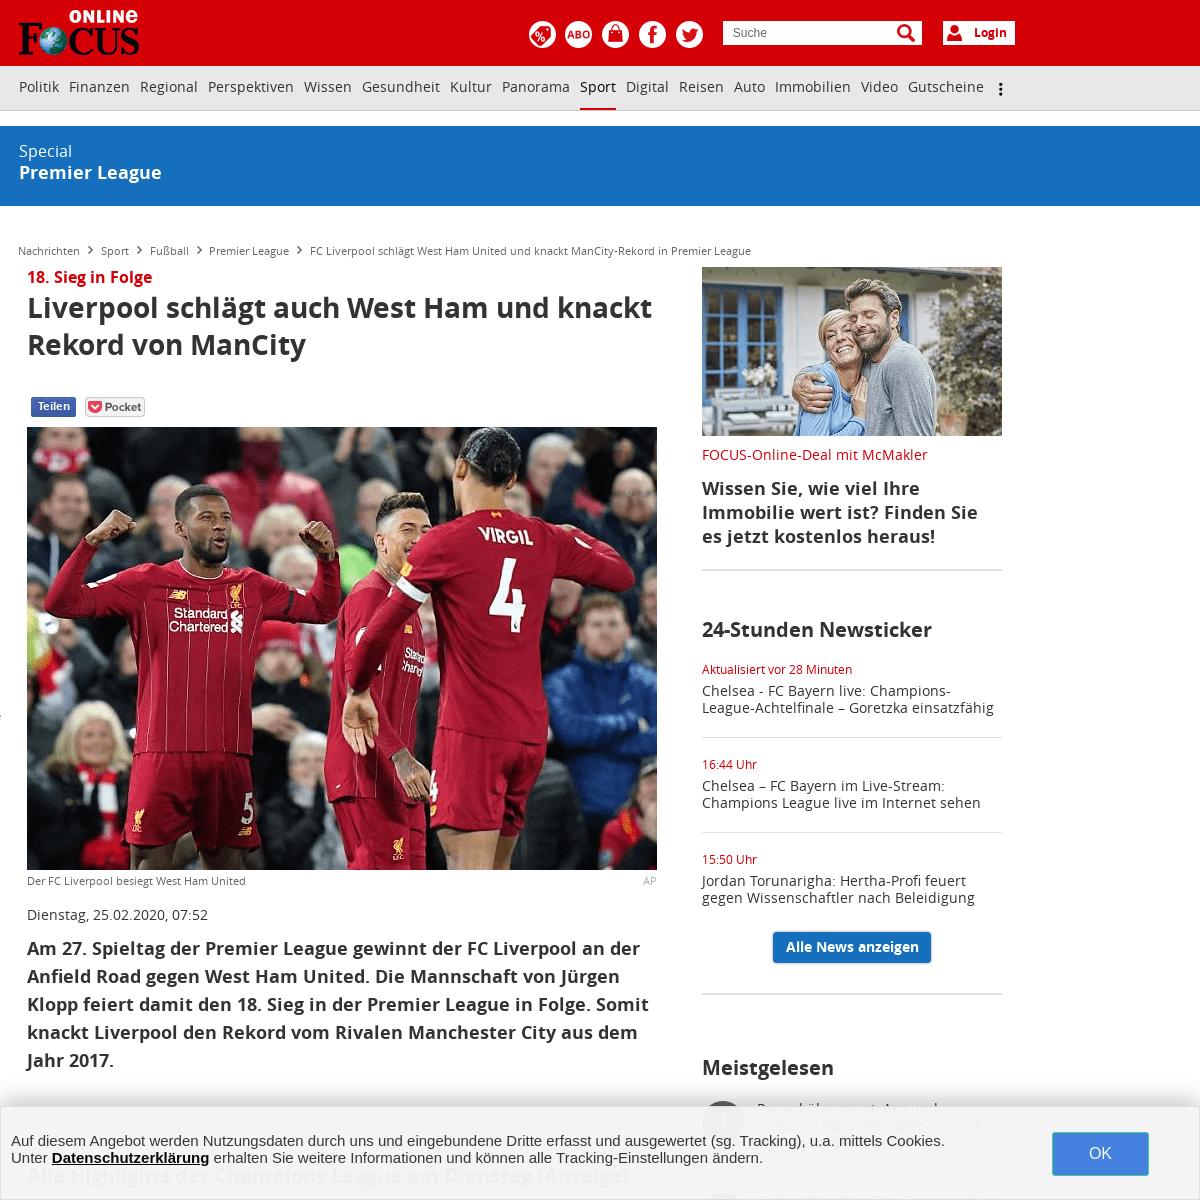 FC Liverpool schlägt West Ham United und knackt ManCity-Rekord in Premier League - FOCUS Online